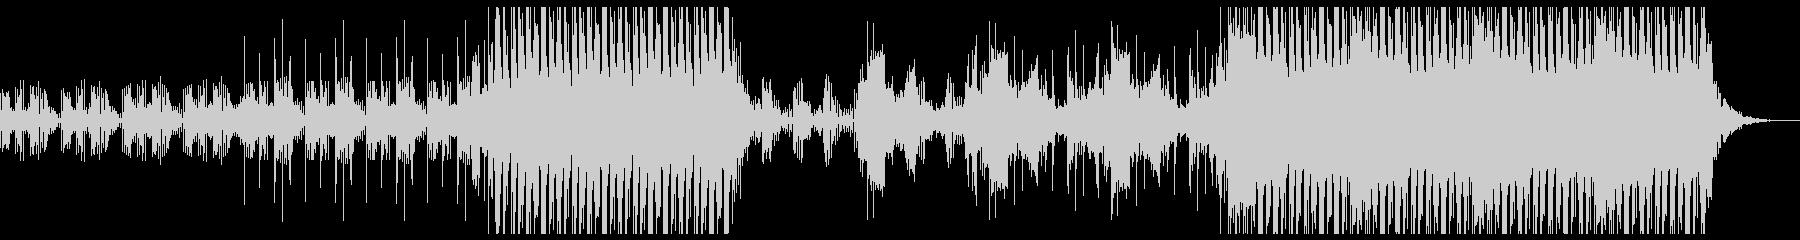 レトロなエレクトロな音が印象的なBGMの未再生の波形